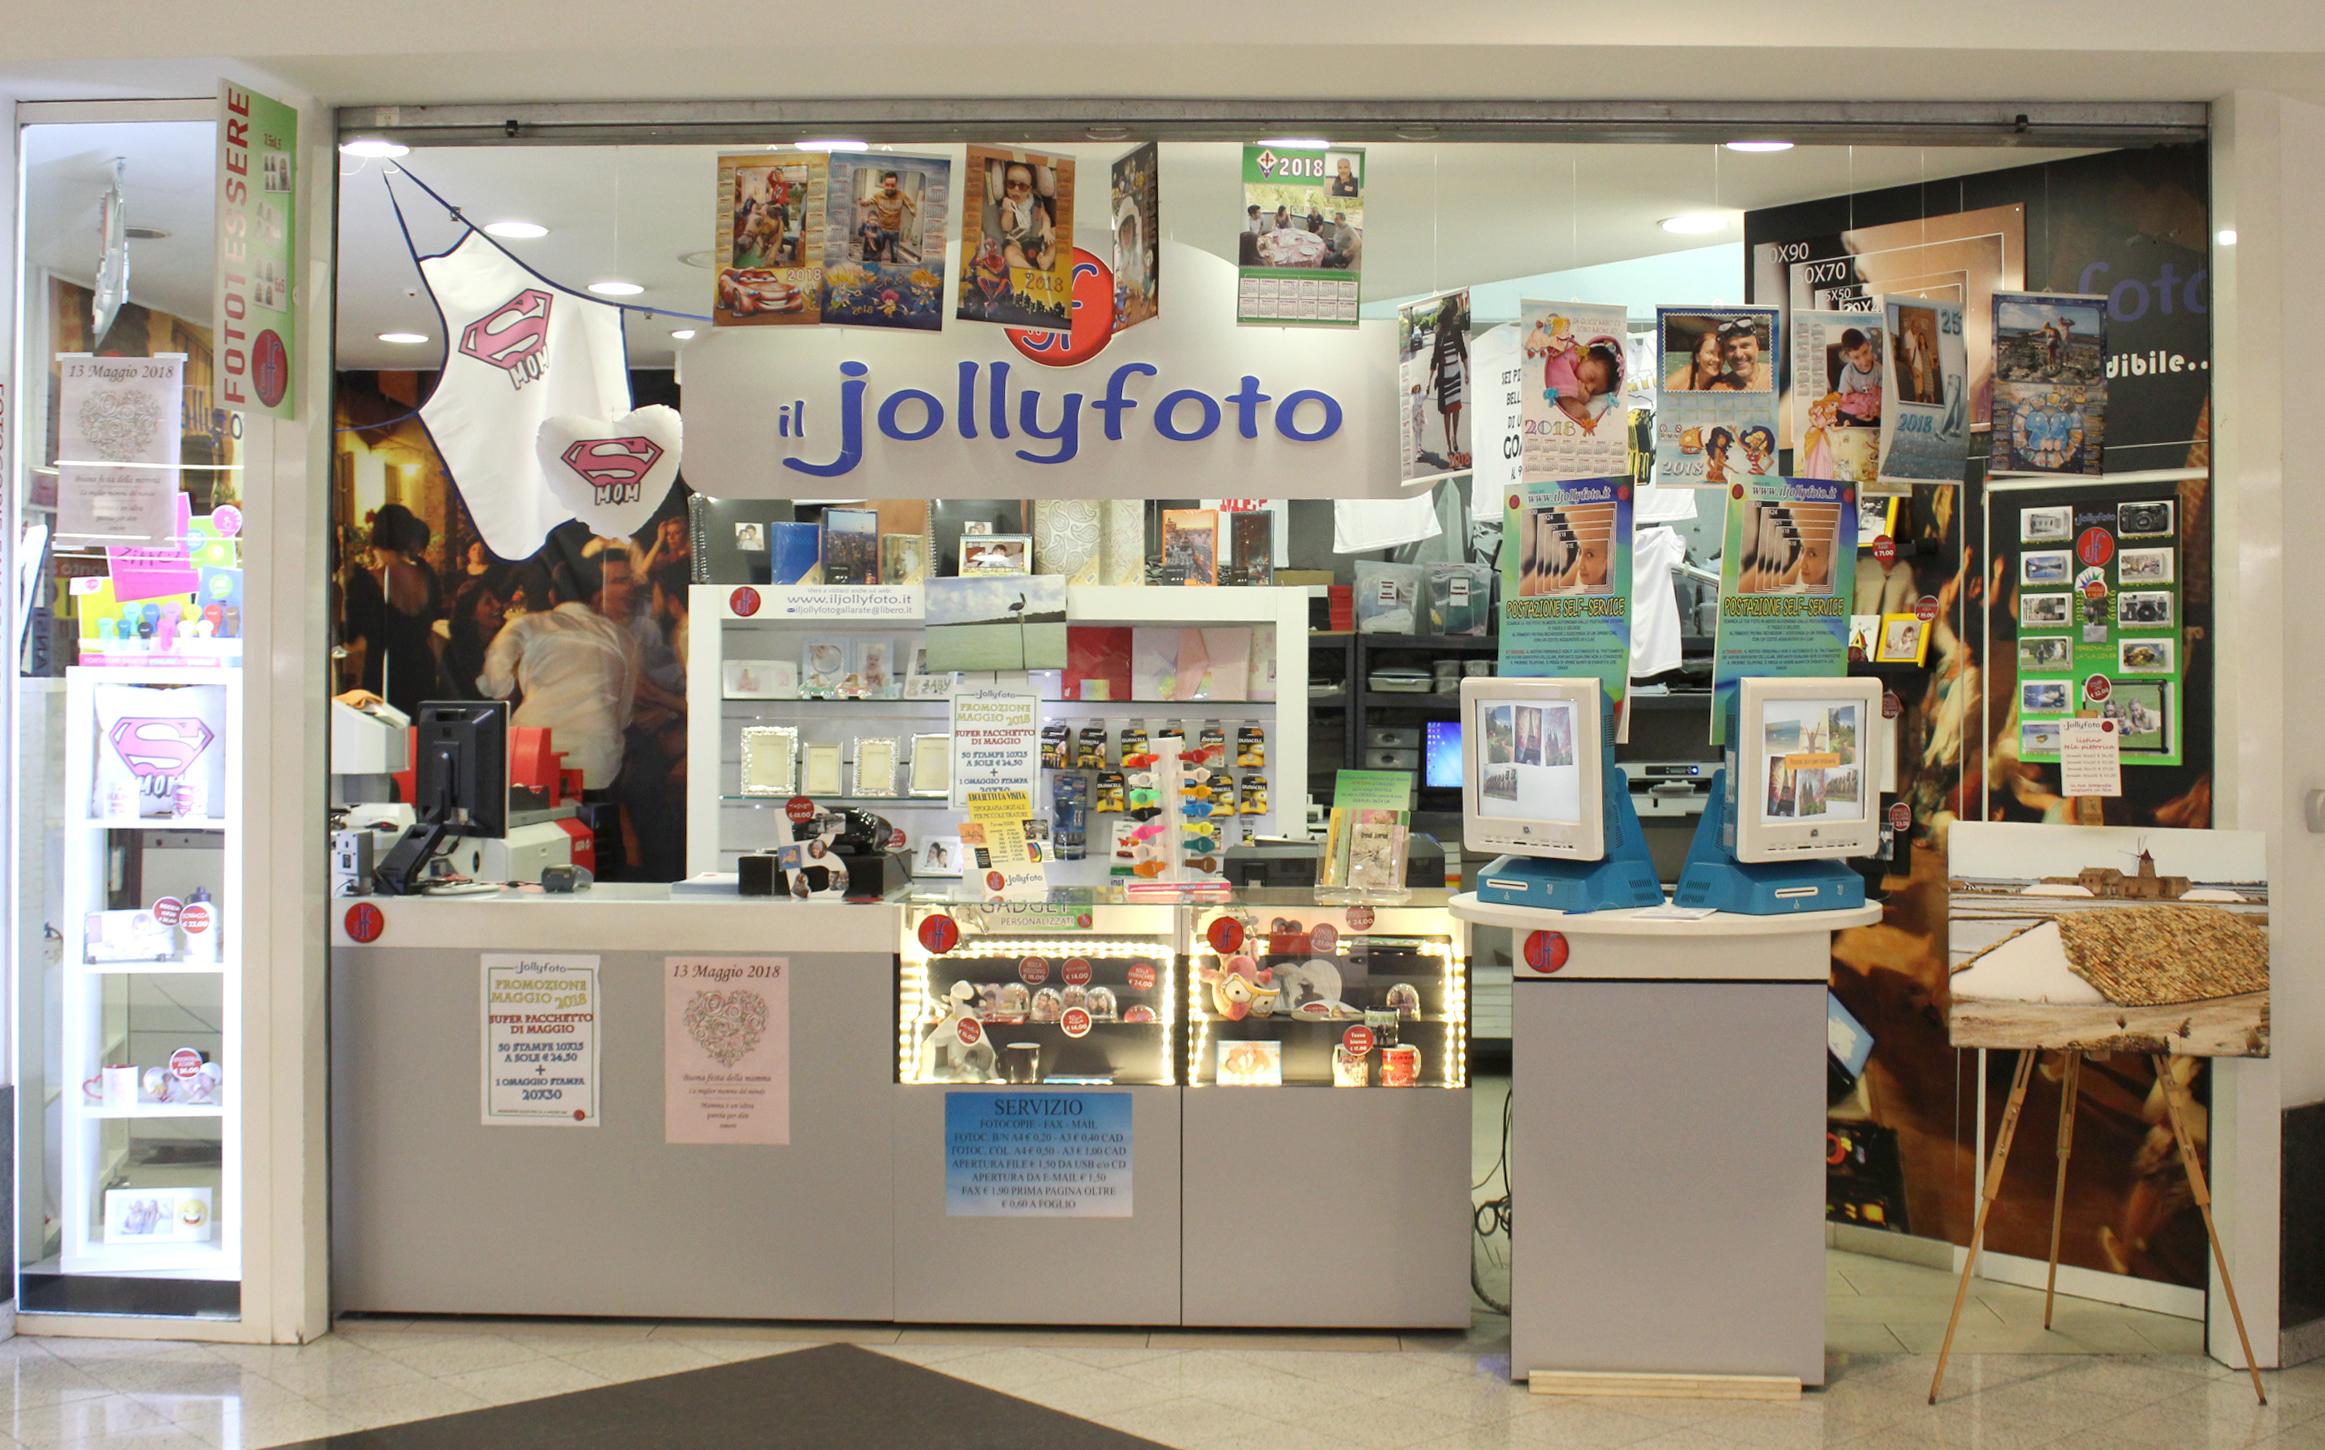 jolly foto 1